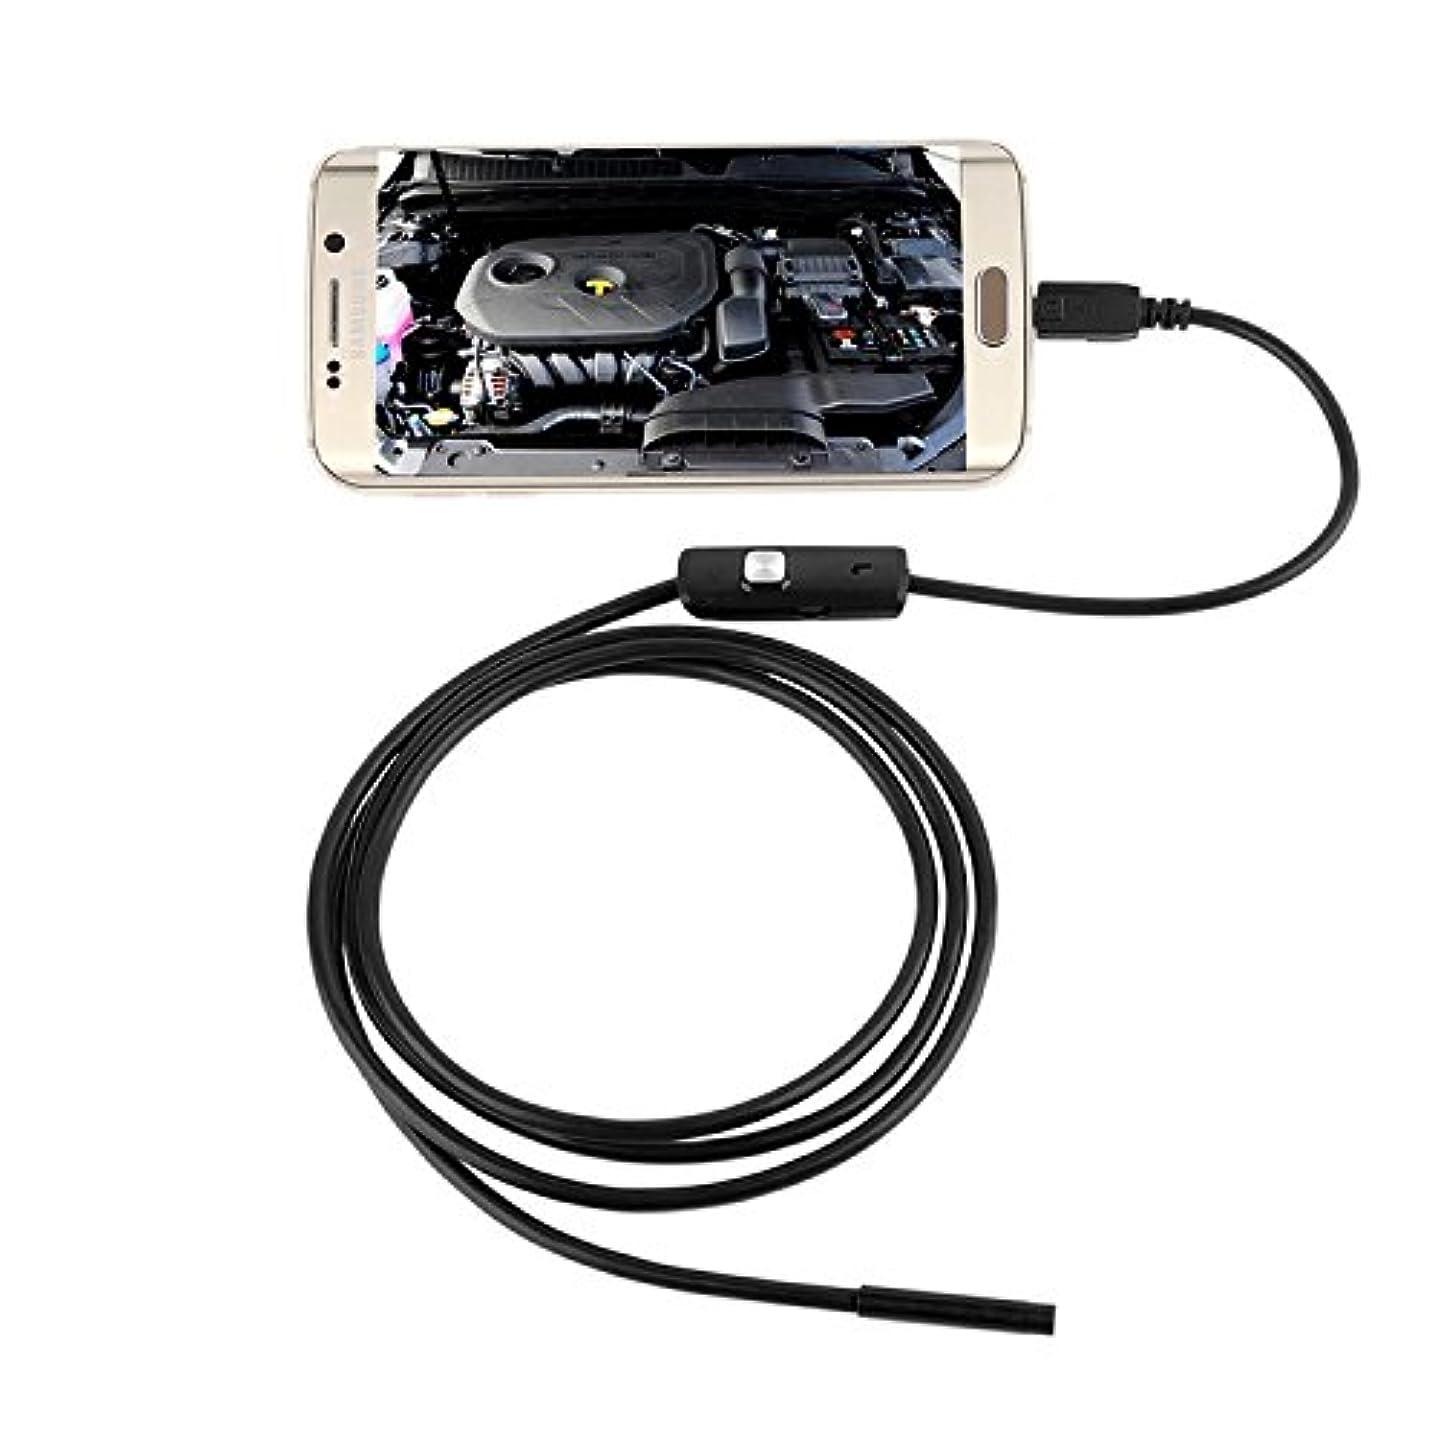 きょうだいインポート調整yougheny USB内視鏡 USB接続エンドスコープ 防犯?監視カメラ 5.5mmレンズ 2mケープル LEDライト6灯搭載 照度調節可能 IP67防水 OTG対応したAndroidスマホで使用可能